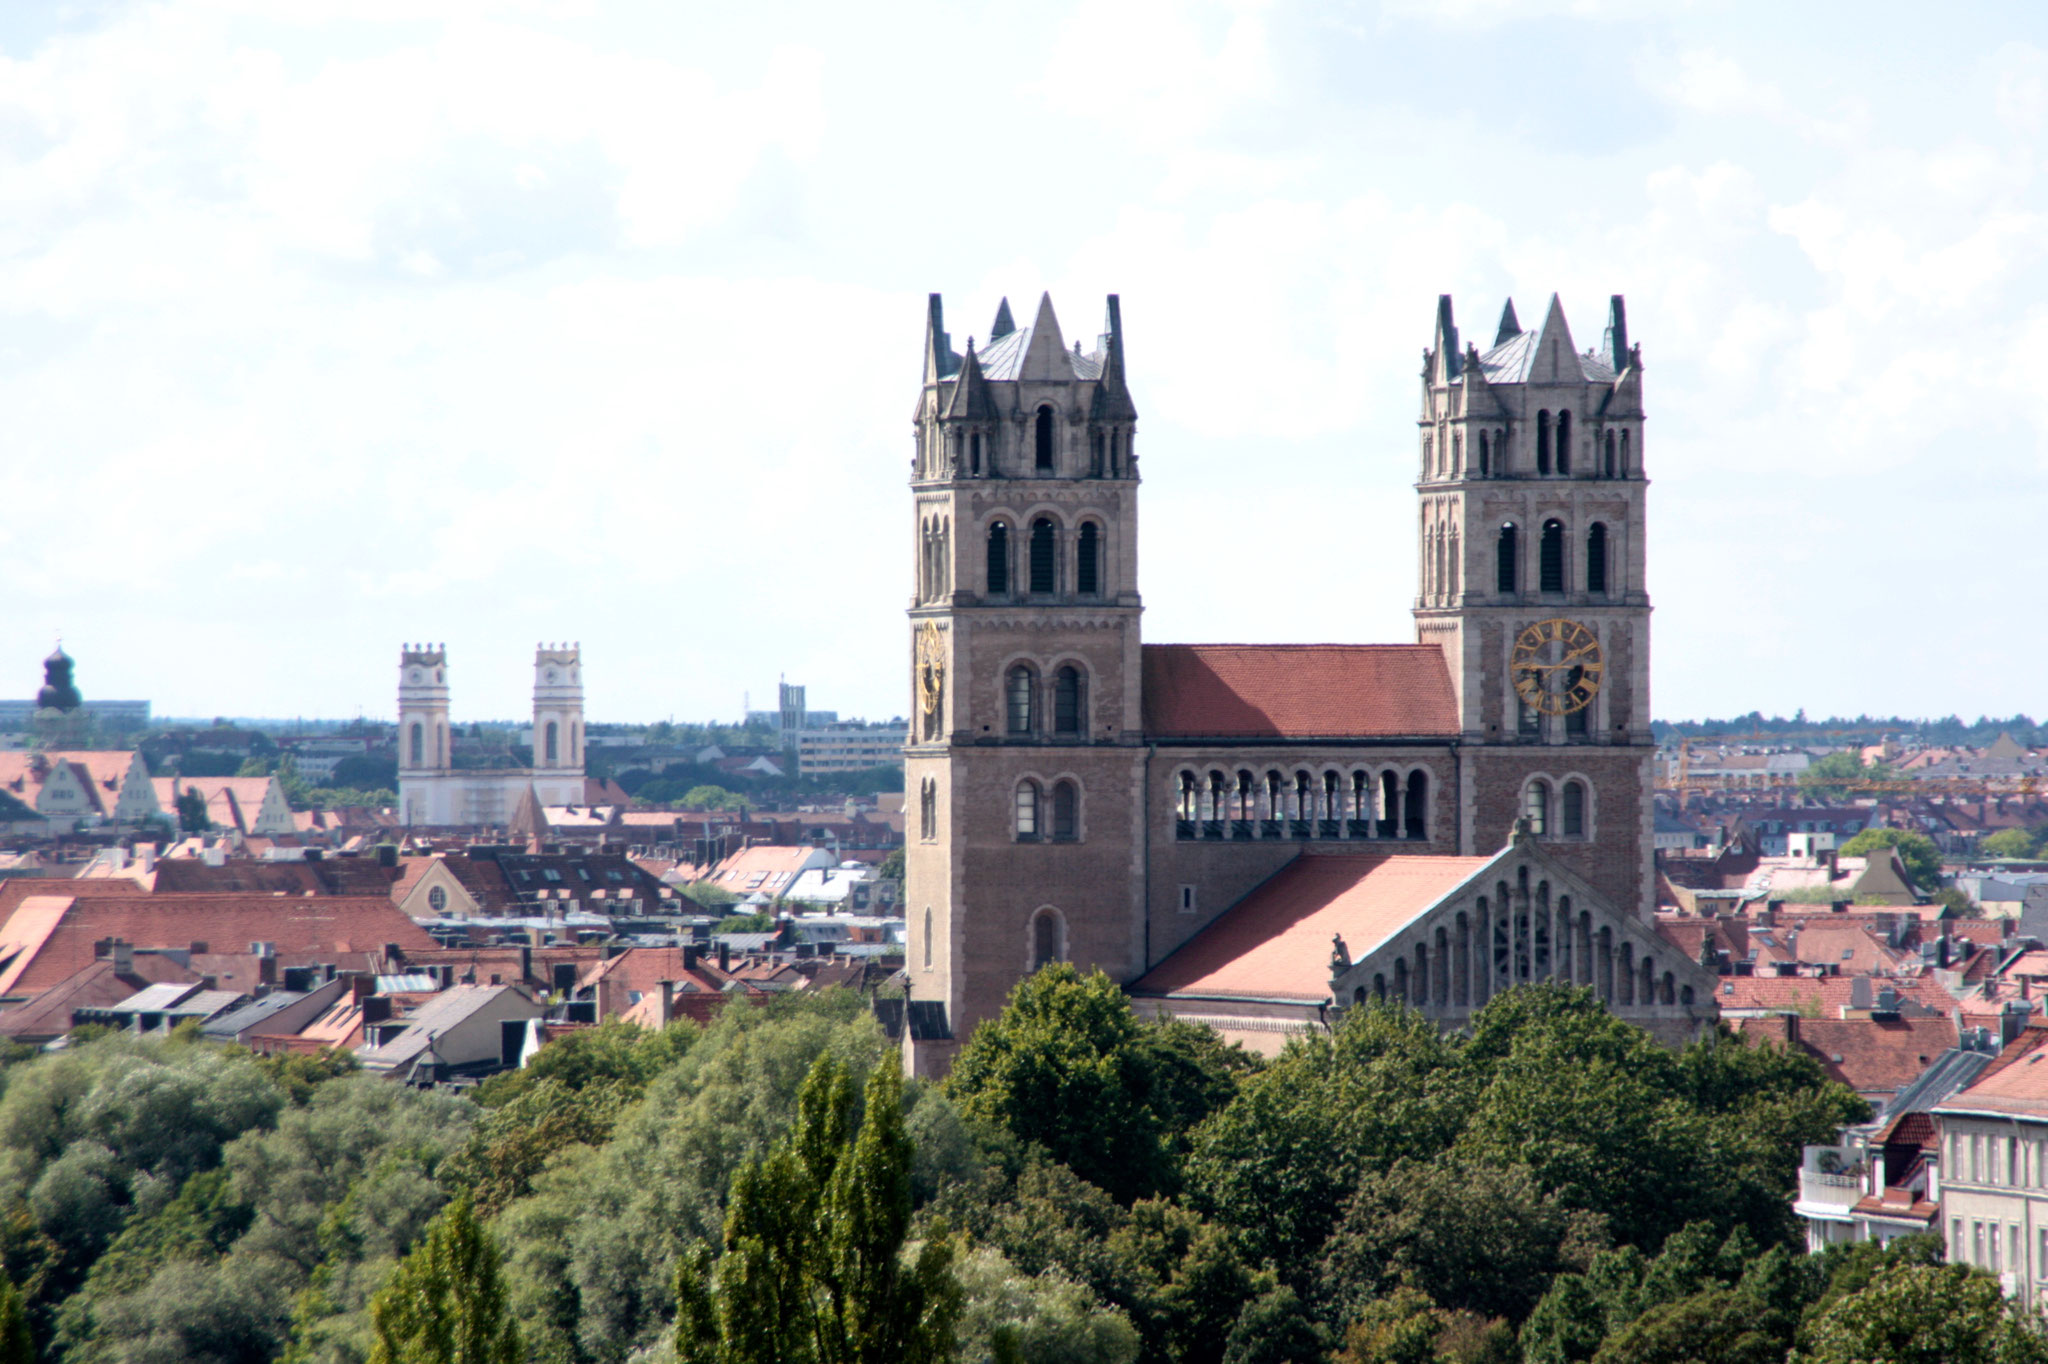 St. Maximilian von der Dachterasse d. Deutschen Museums (Archivfoto)